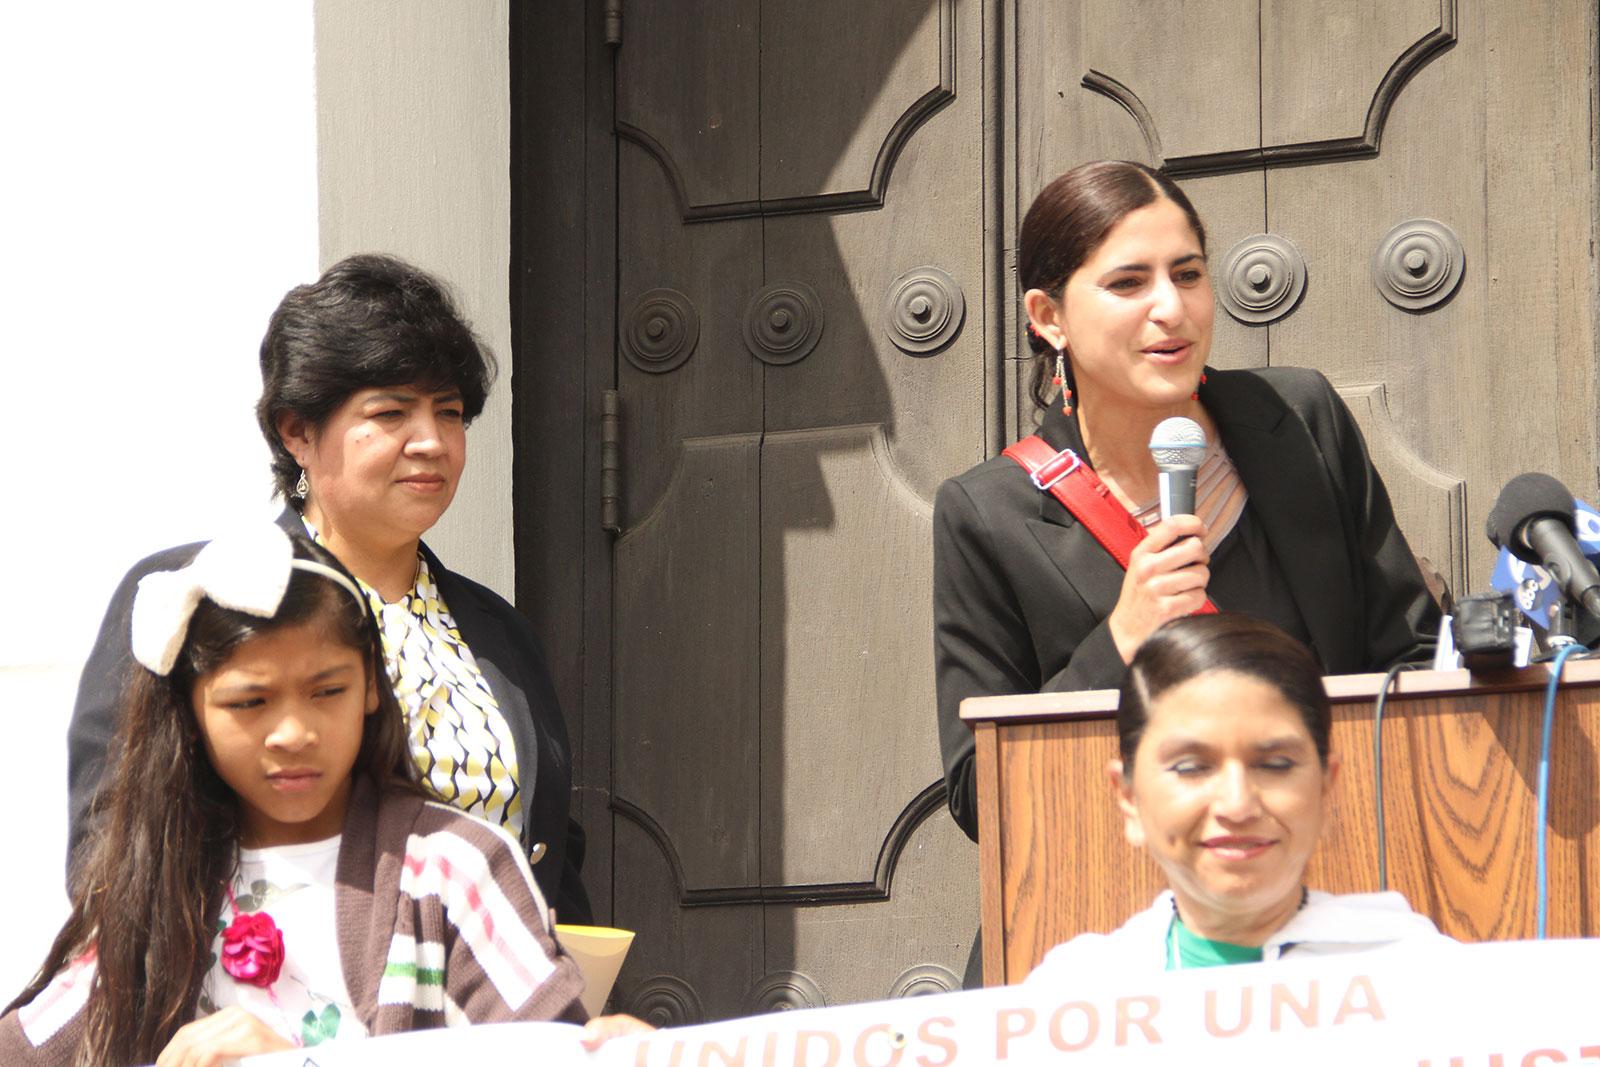 Lorena Melgarejo de la oficina de política pública y preocupación social con sede en la arquidiócesis presente en la histórica Misión Dolores. 13 de mayo.